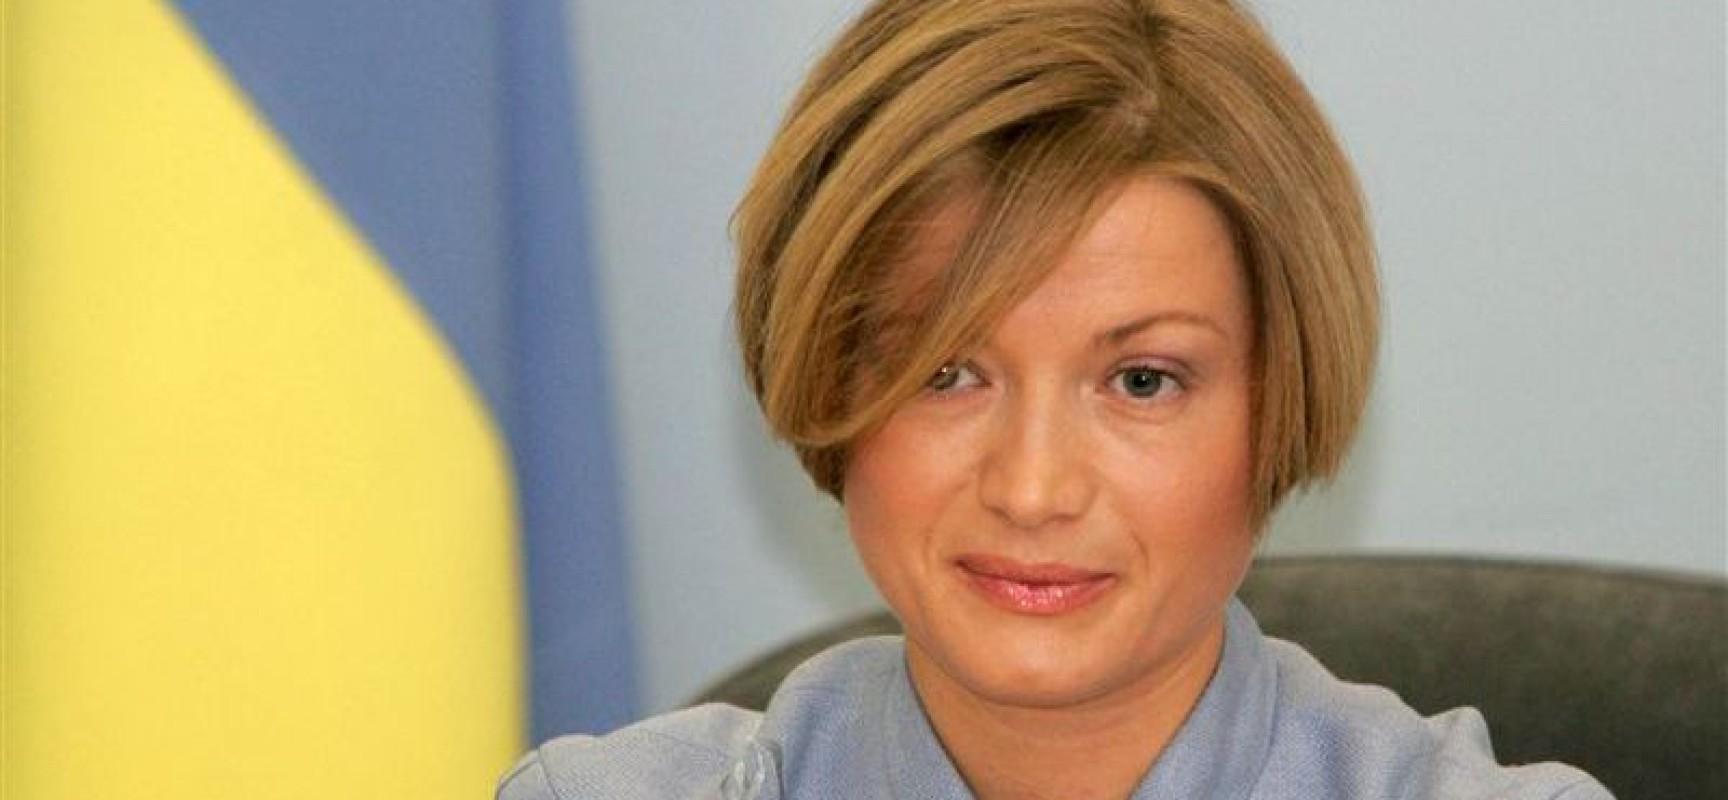 Аж щелепа відвисла: Геращенко розповіла таємну інформацію про війну проти України